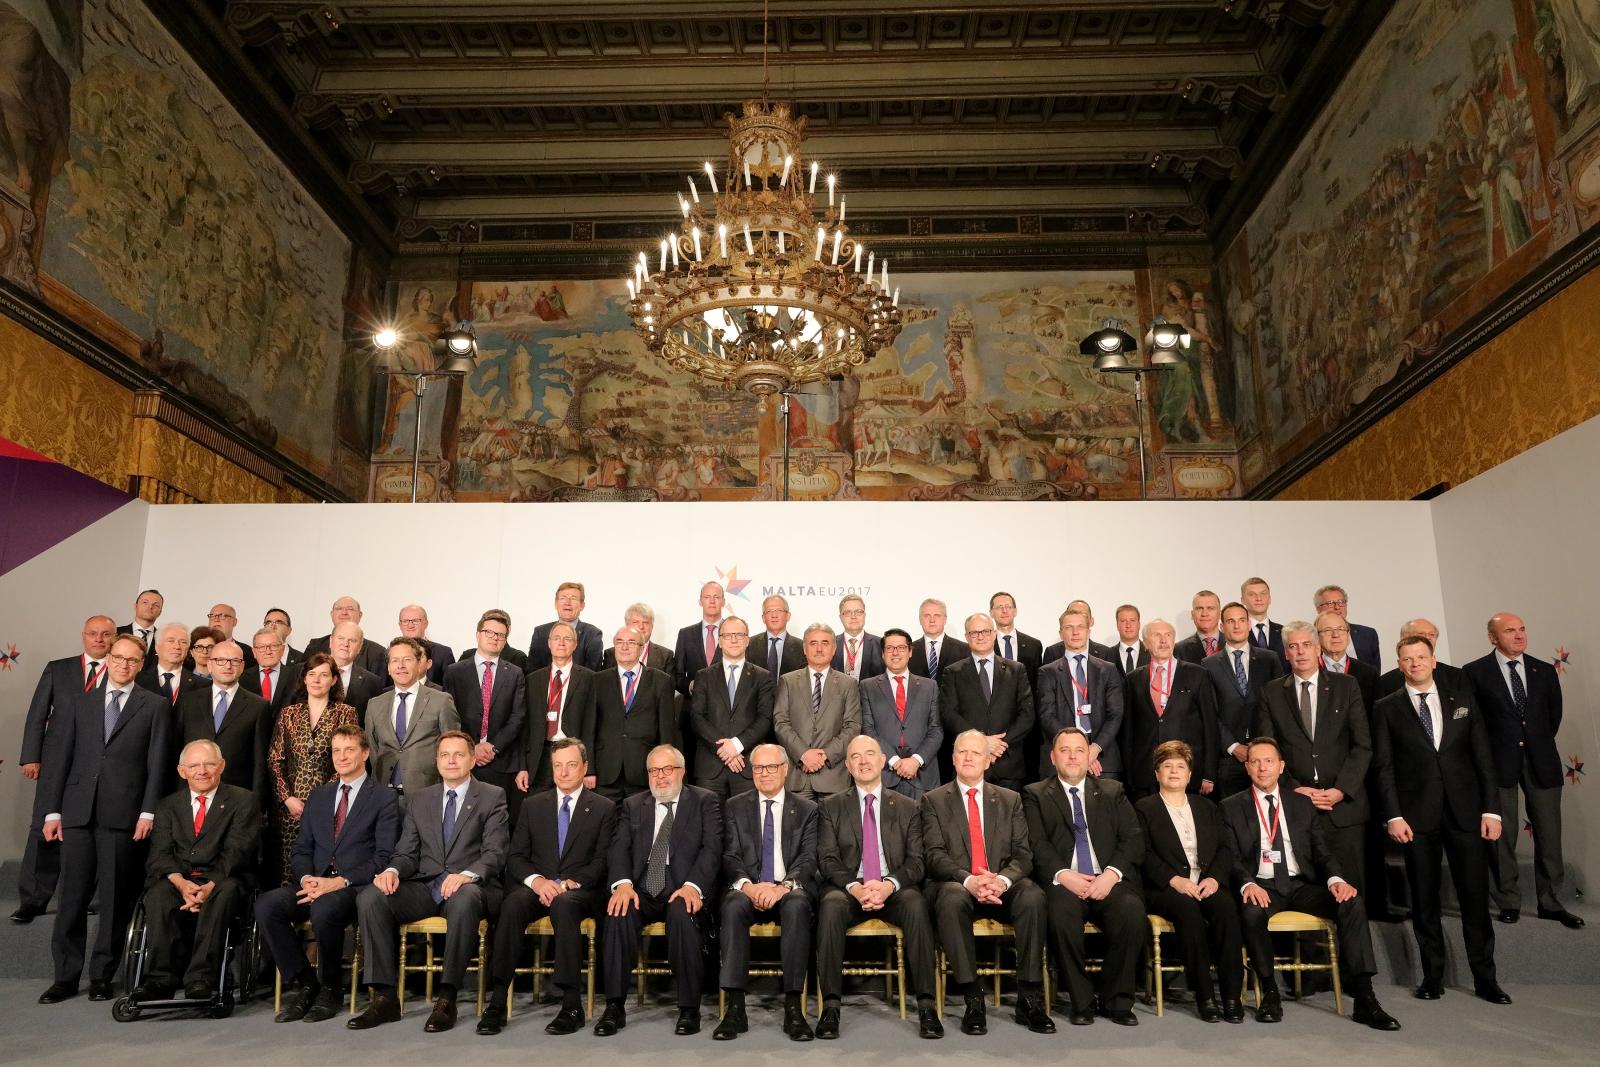 Nieformalne Spotkanie Ministrów Ekonomii i Finansów na Malcie. Fot. PAP/EPA/DOMENIC AQUILINA